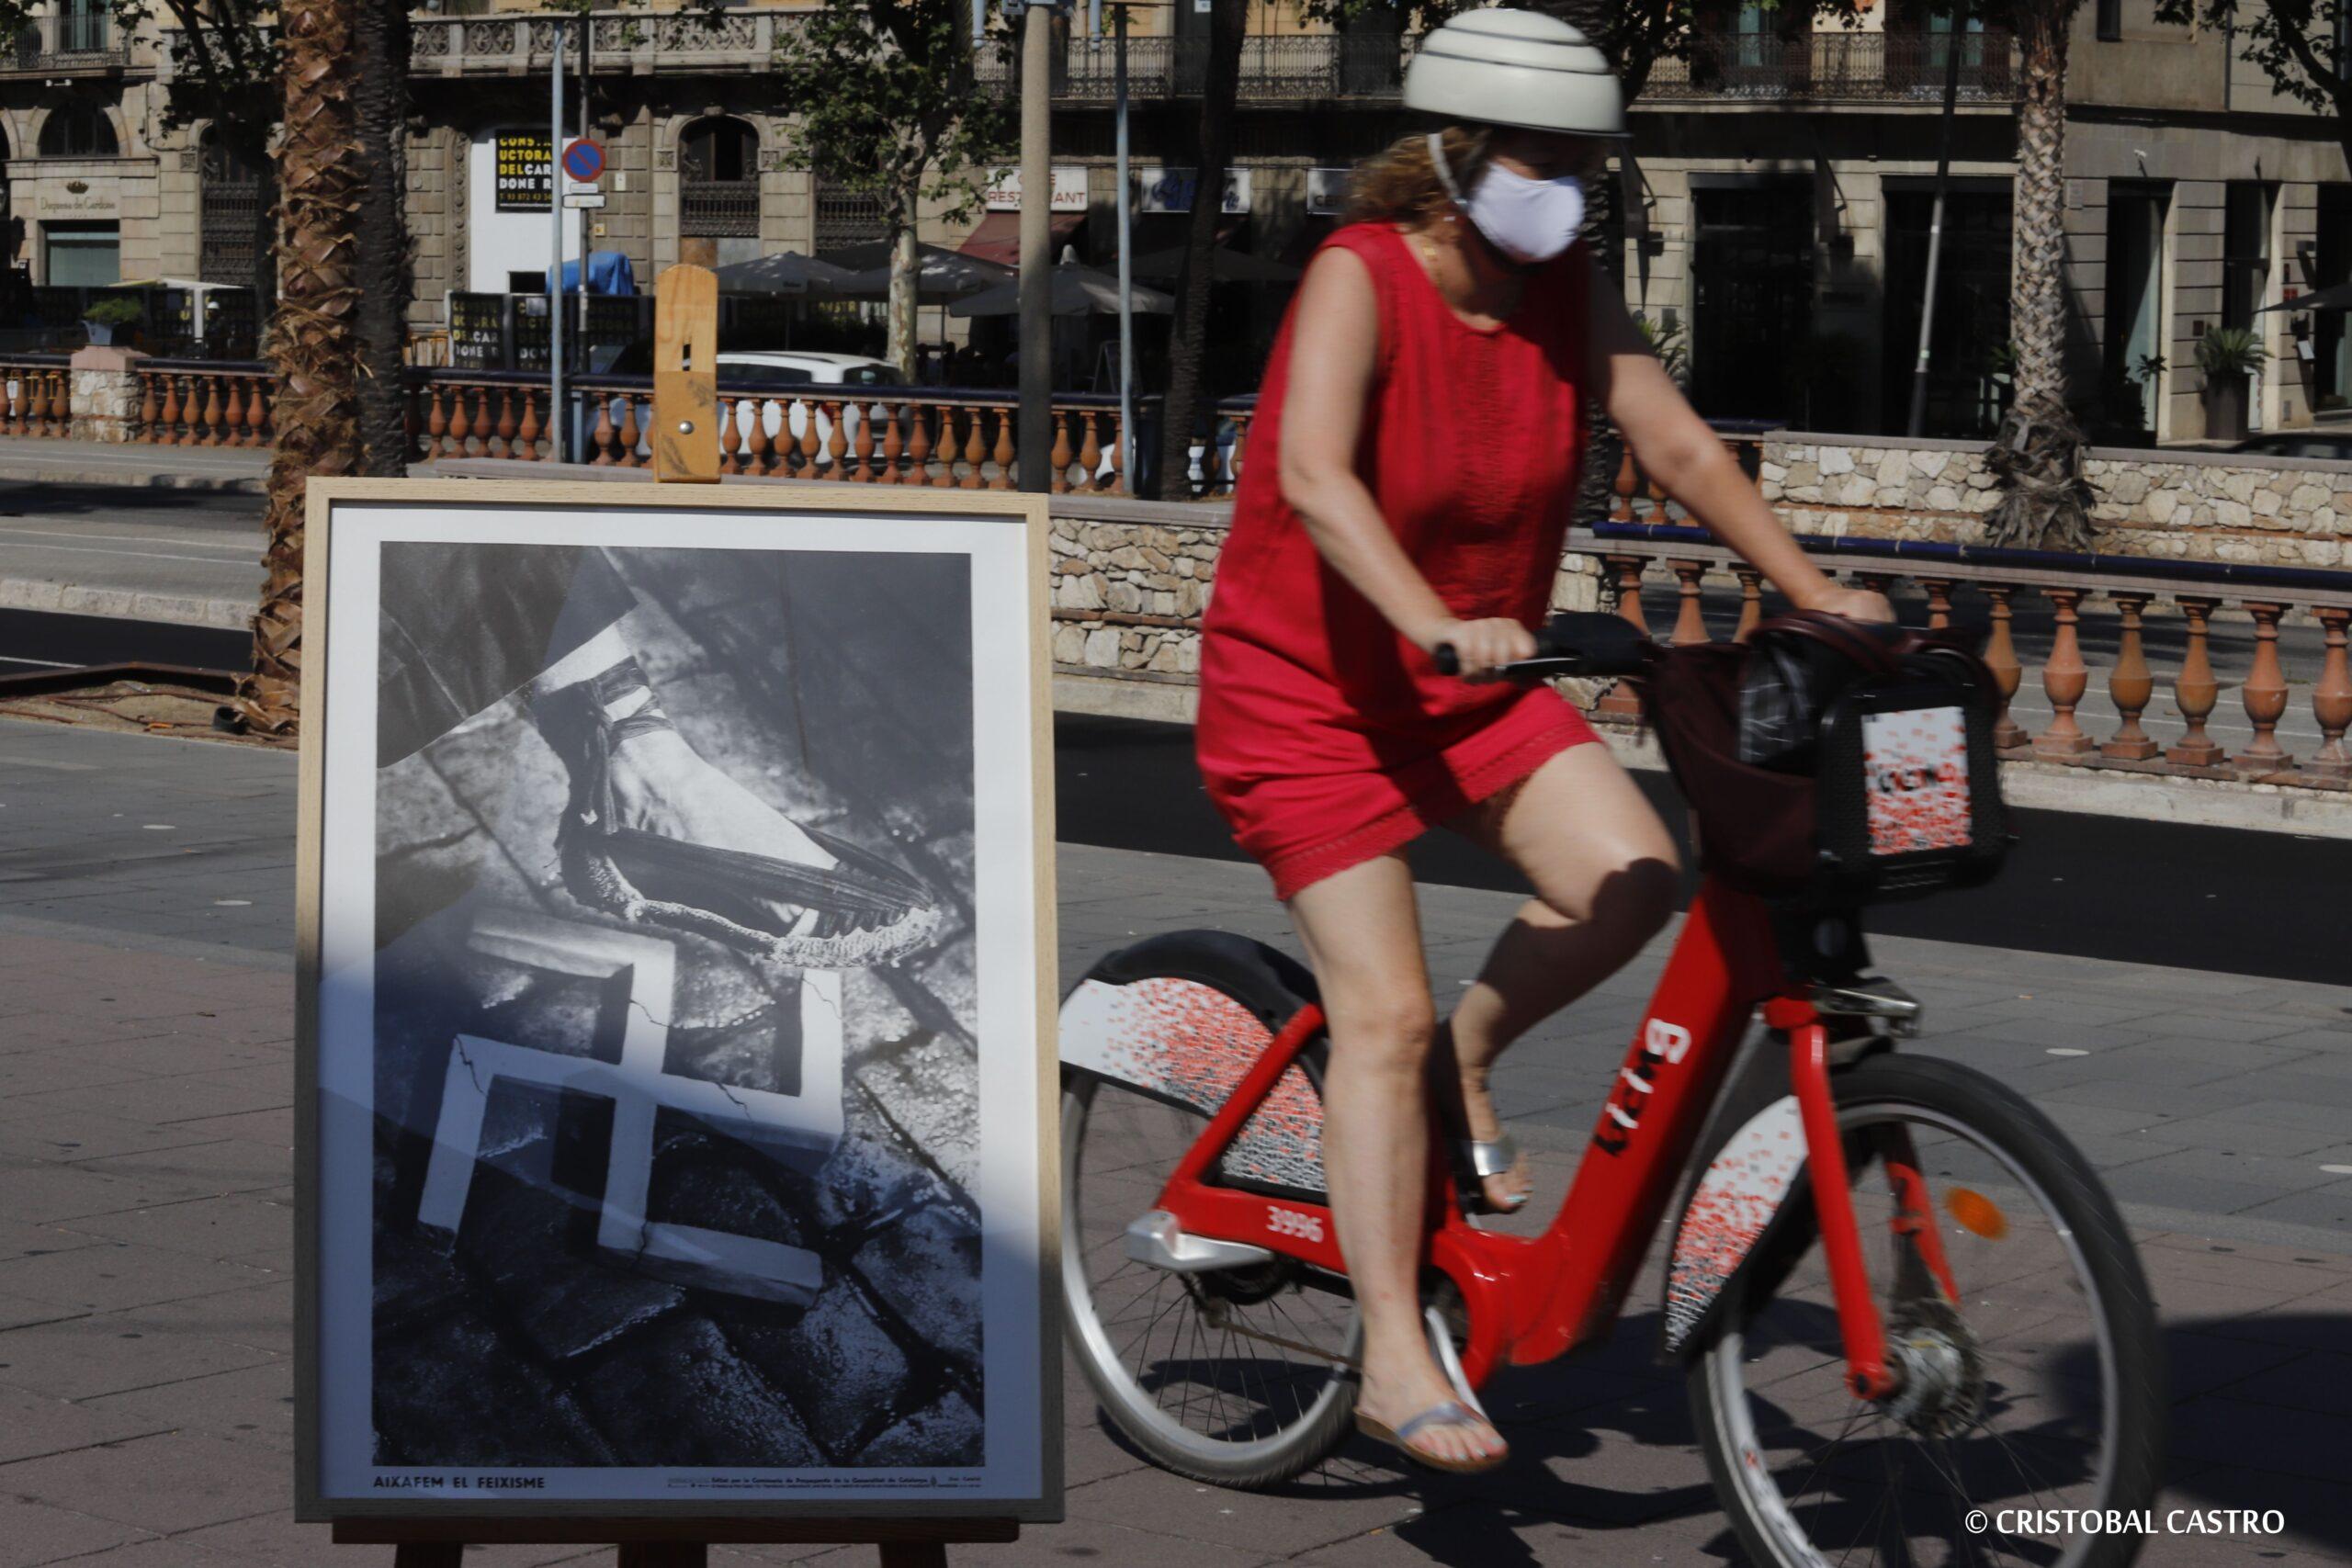 La Fundació Reeixida reedita el cartell 'Aixafem el feixisme' 85 anys després/Cristóbal Castro